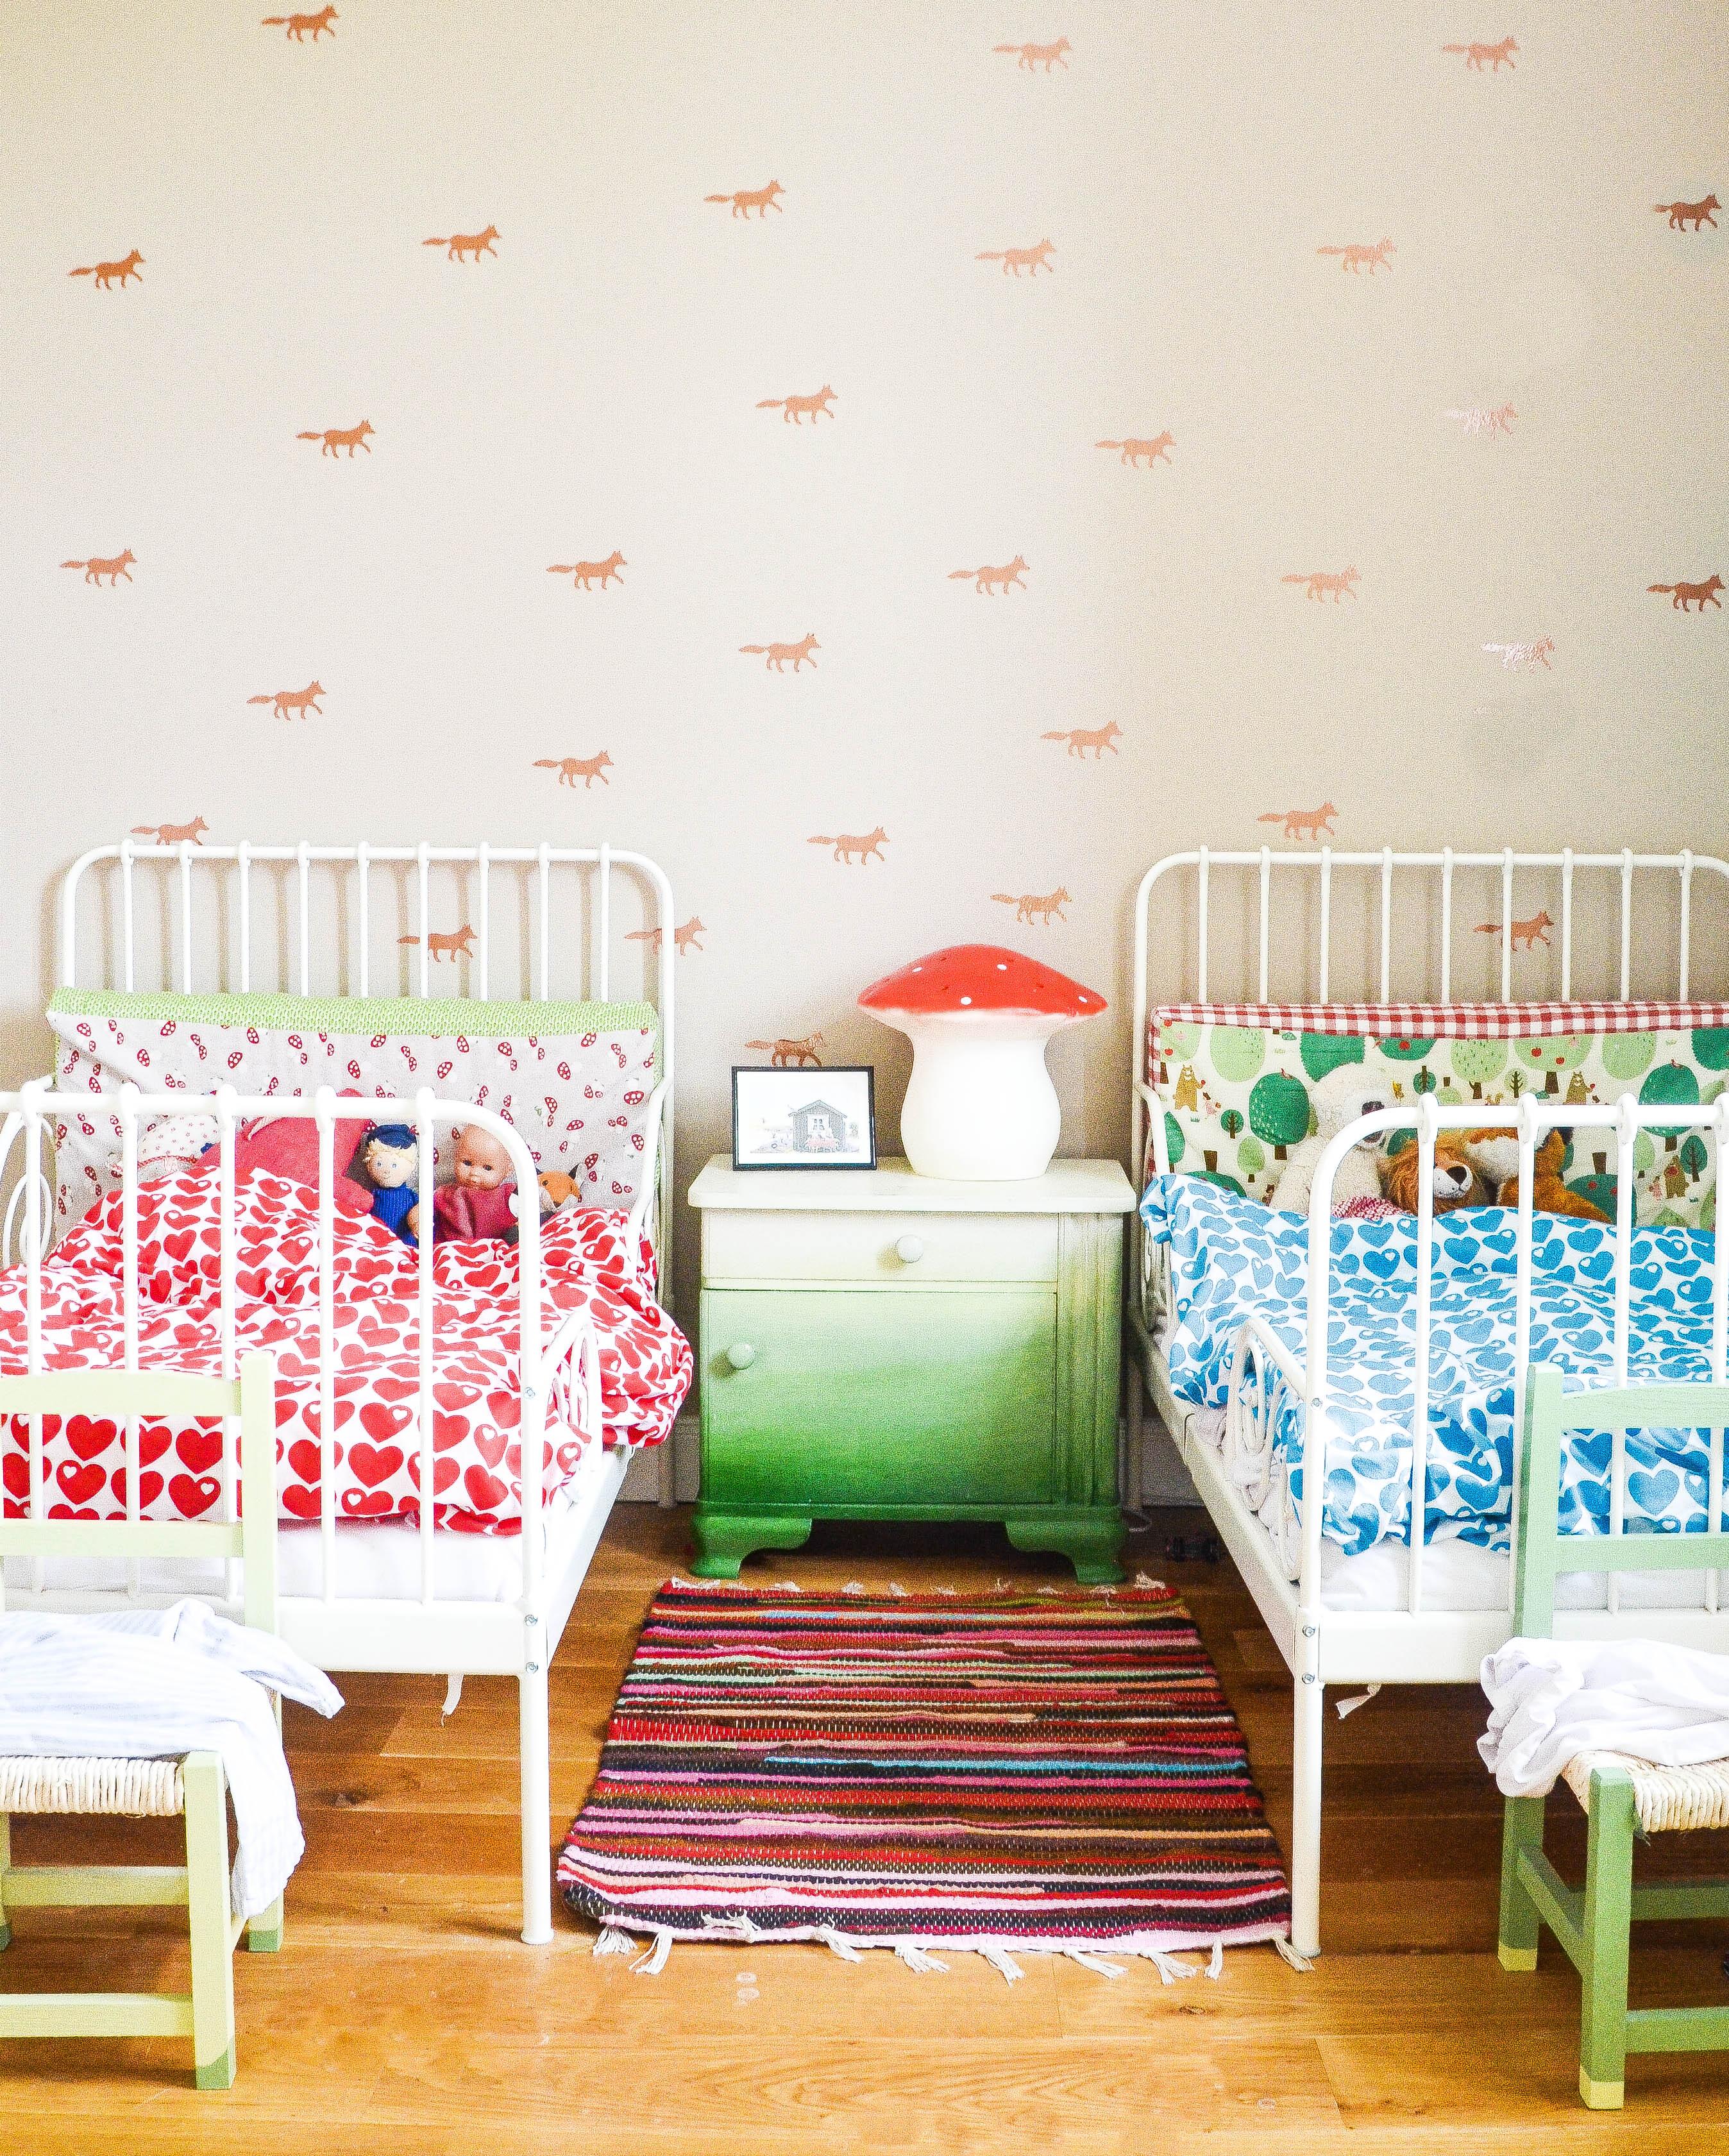 Ein Zweikindzimmer. Ein Plädoyer - wasfürmich